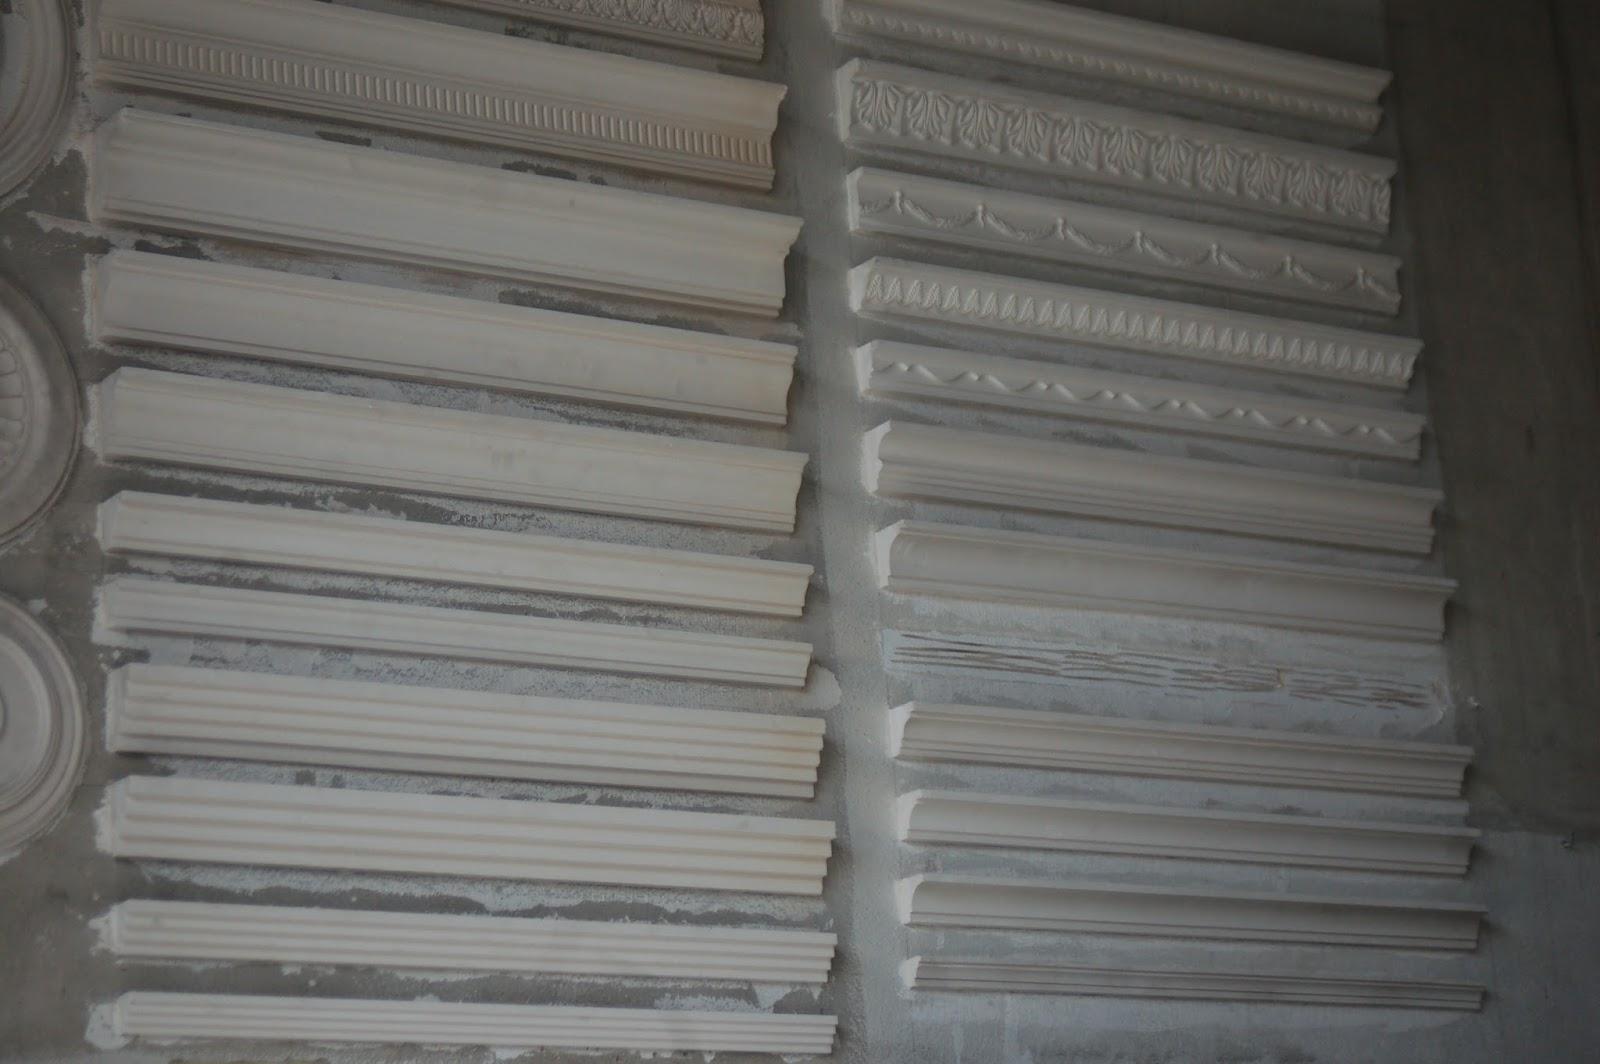 Molduras de escayola para techos precios - Molduras de escayola precios ...